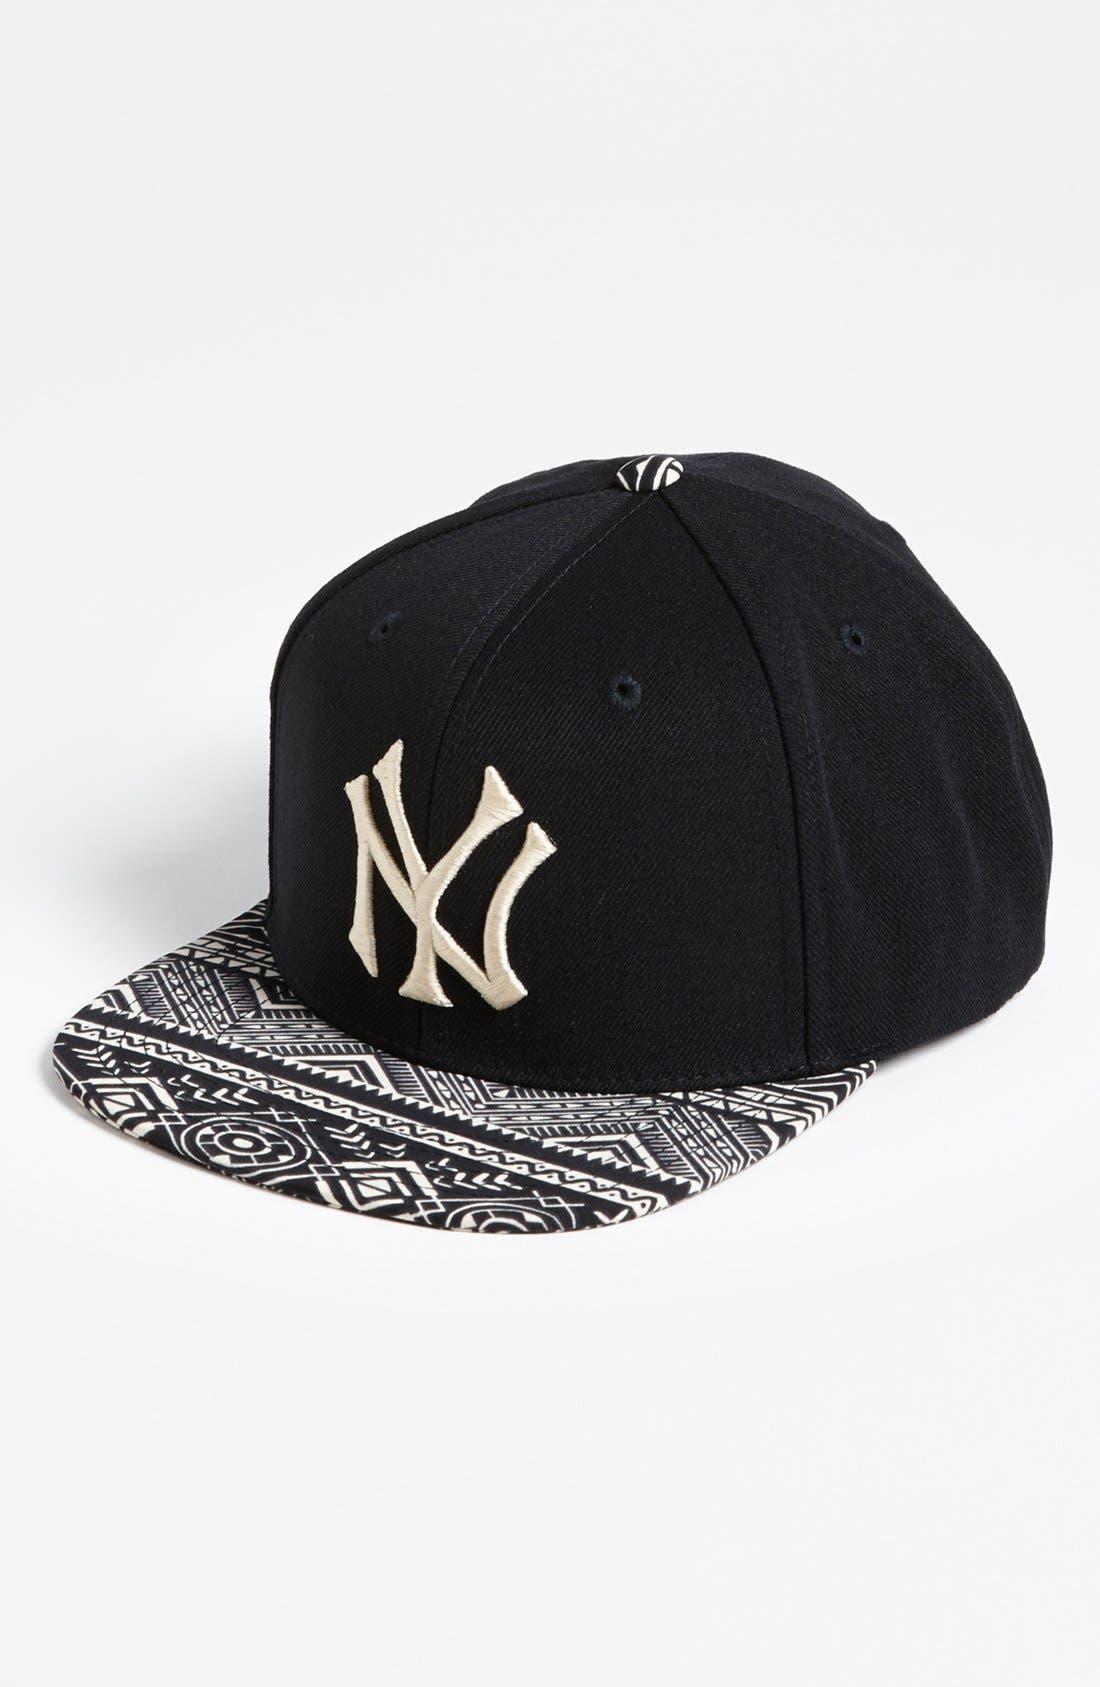 Main Image - American Needle 'New York Yankees - Ancestor' Cap